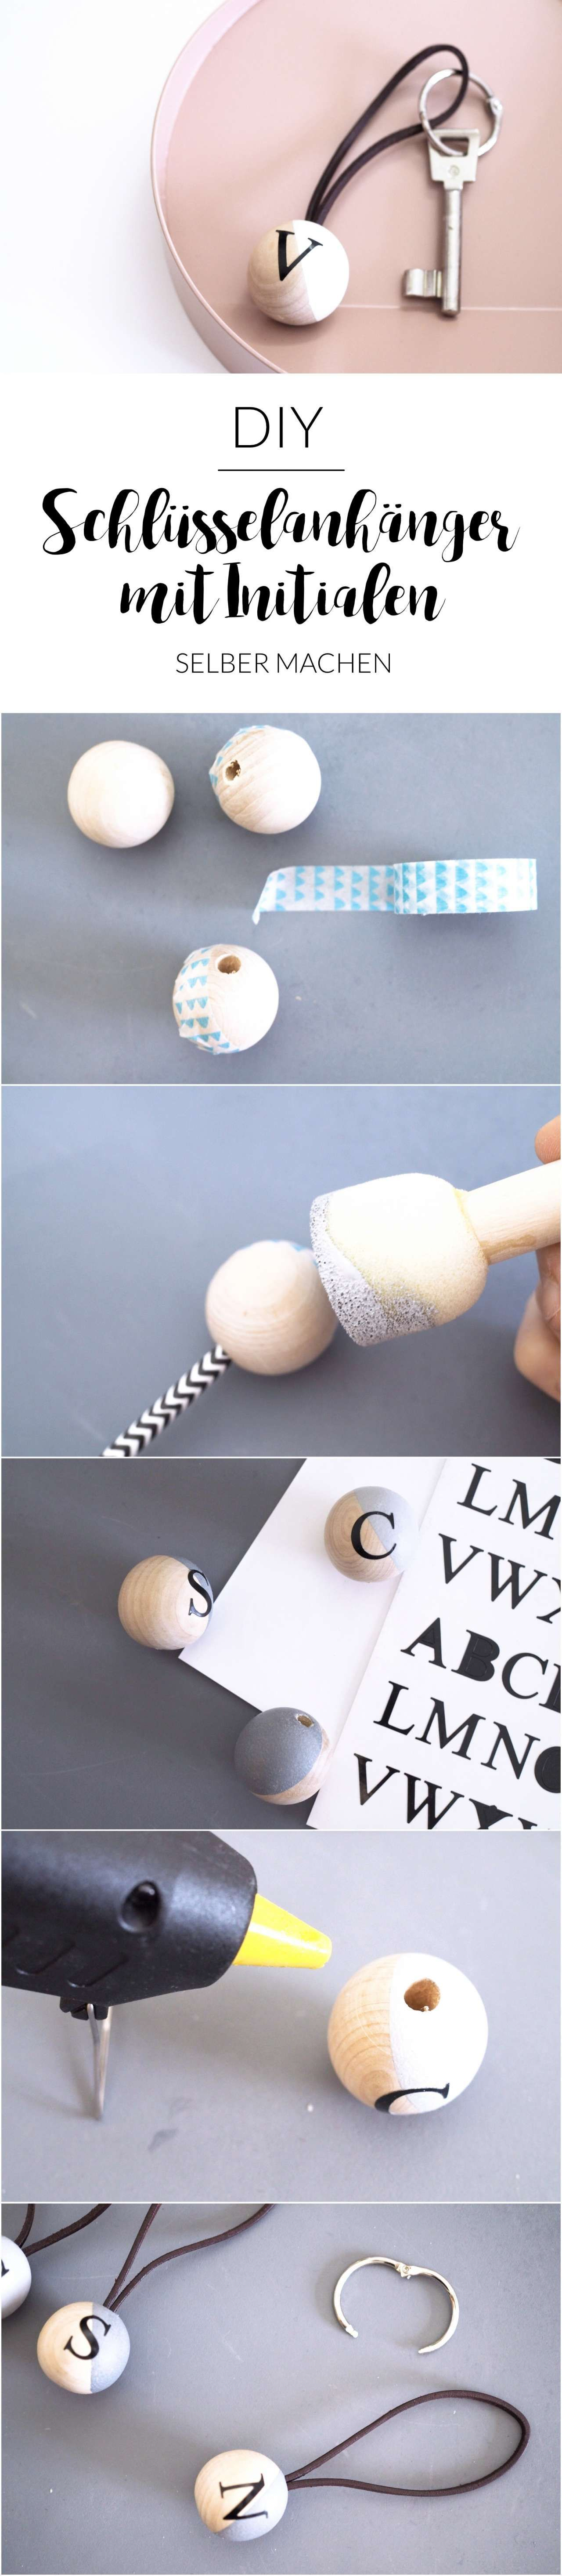 DIY Schlüsselanhänger mit Initialen